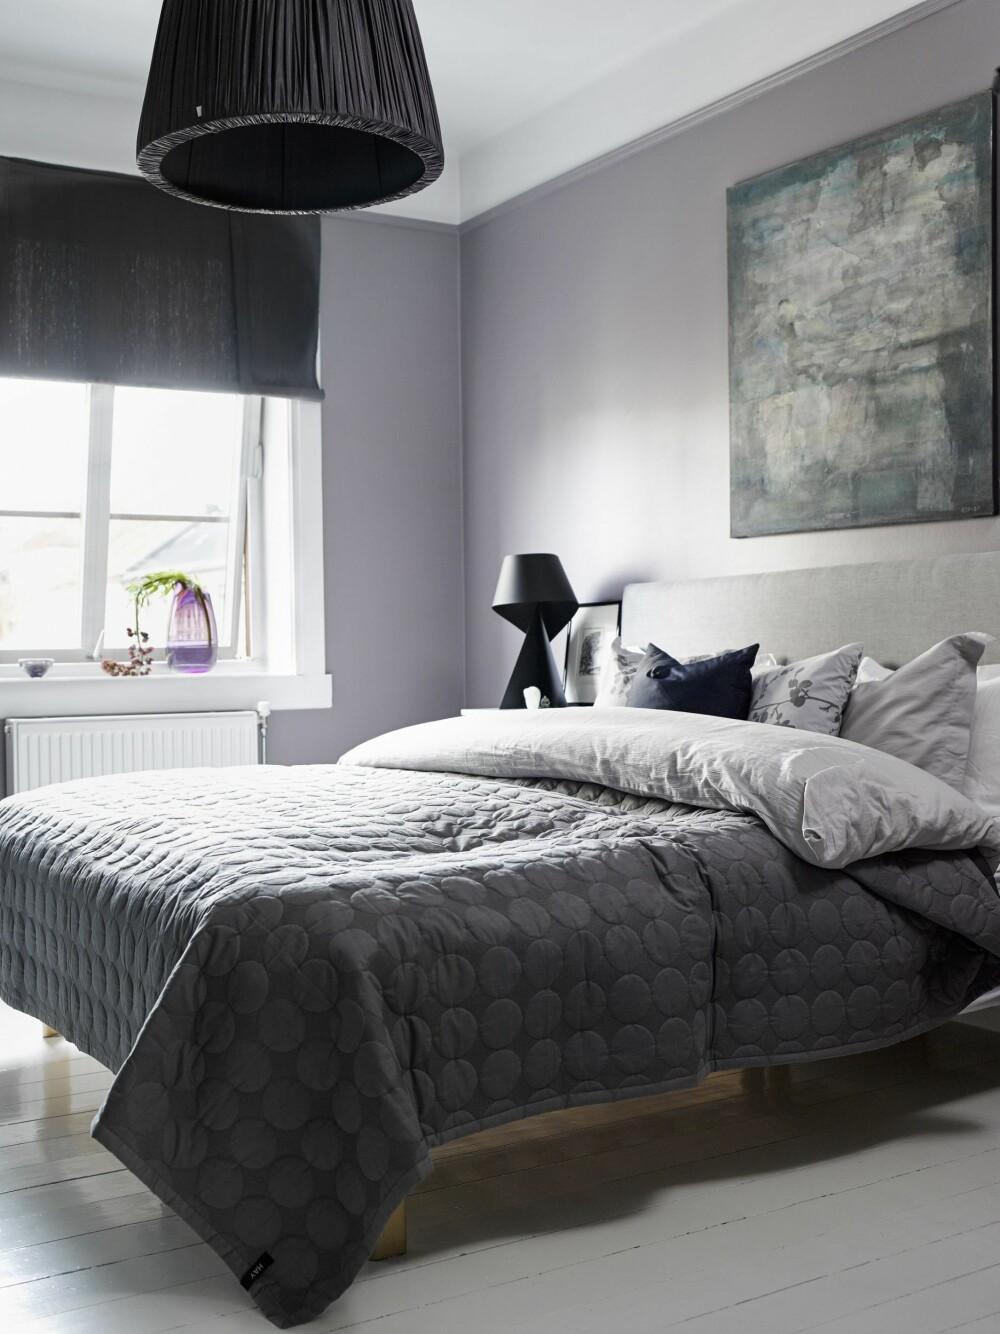 HULESTEMNING: Veggene i soverommet er malt i fargen Lady Lys Aubergine 3206 og bidrar til lun og god stemning. Maleri av Arne Jan Espeland, sengeteppe fra Hay. Den stofftrukkede pendelen er fra Tine K. Home, bordlampe fra Habitat.